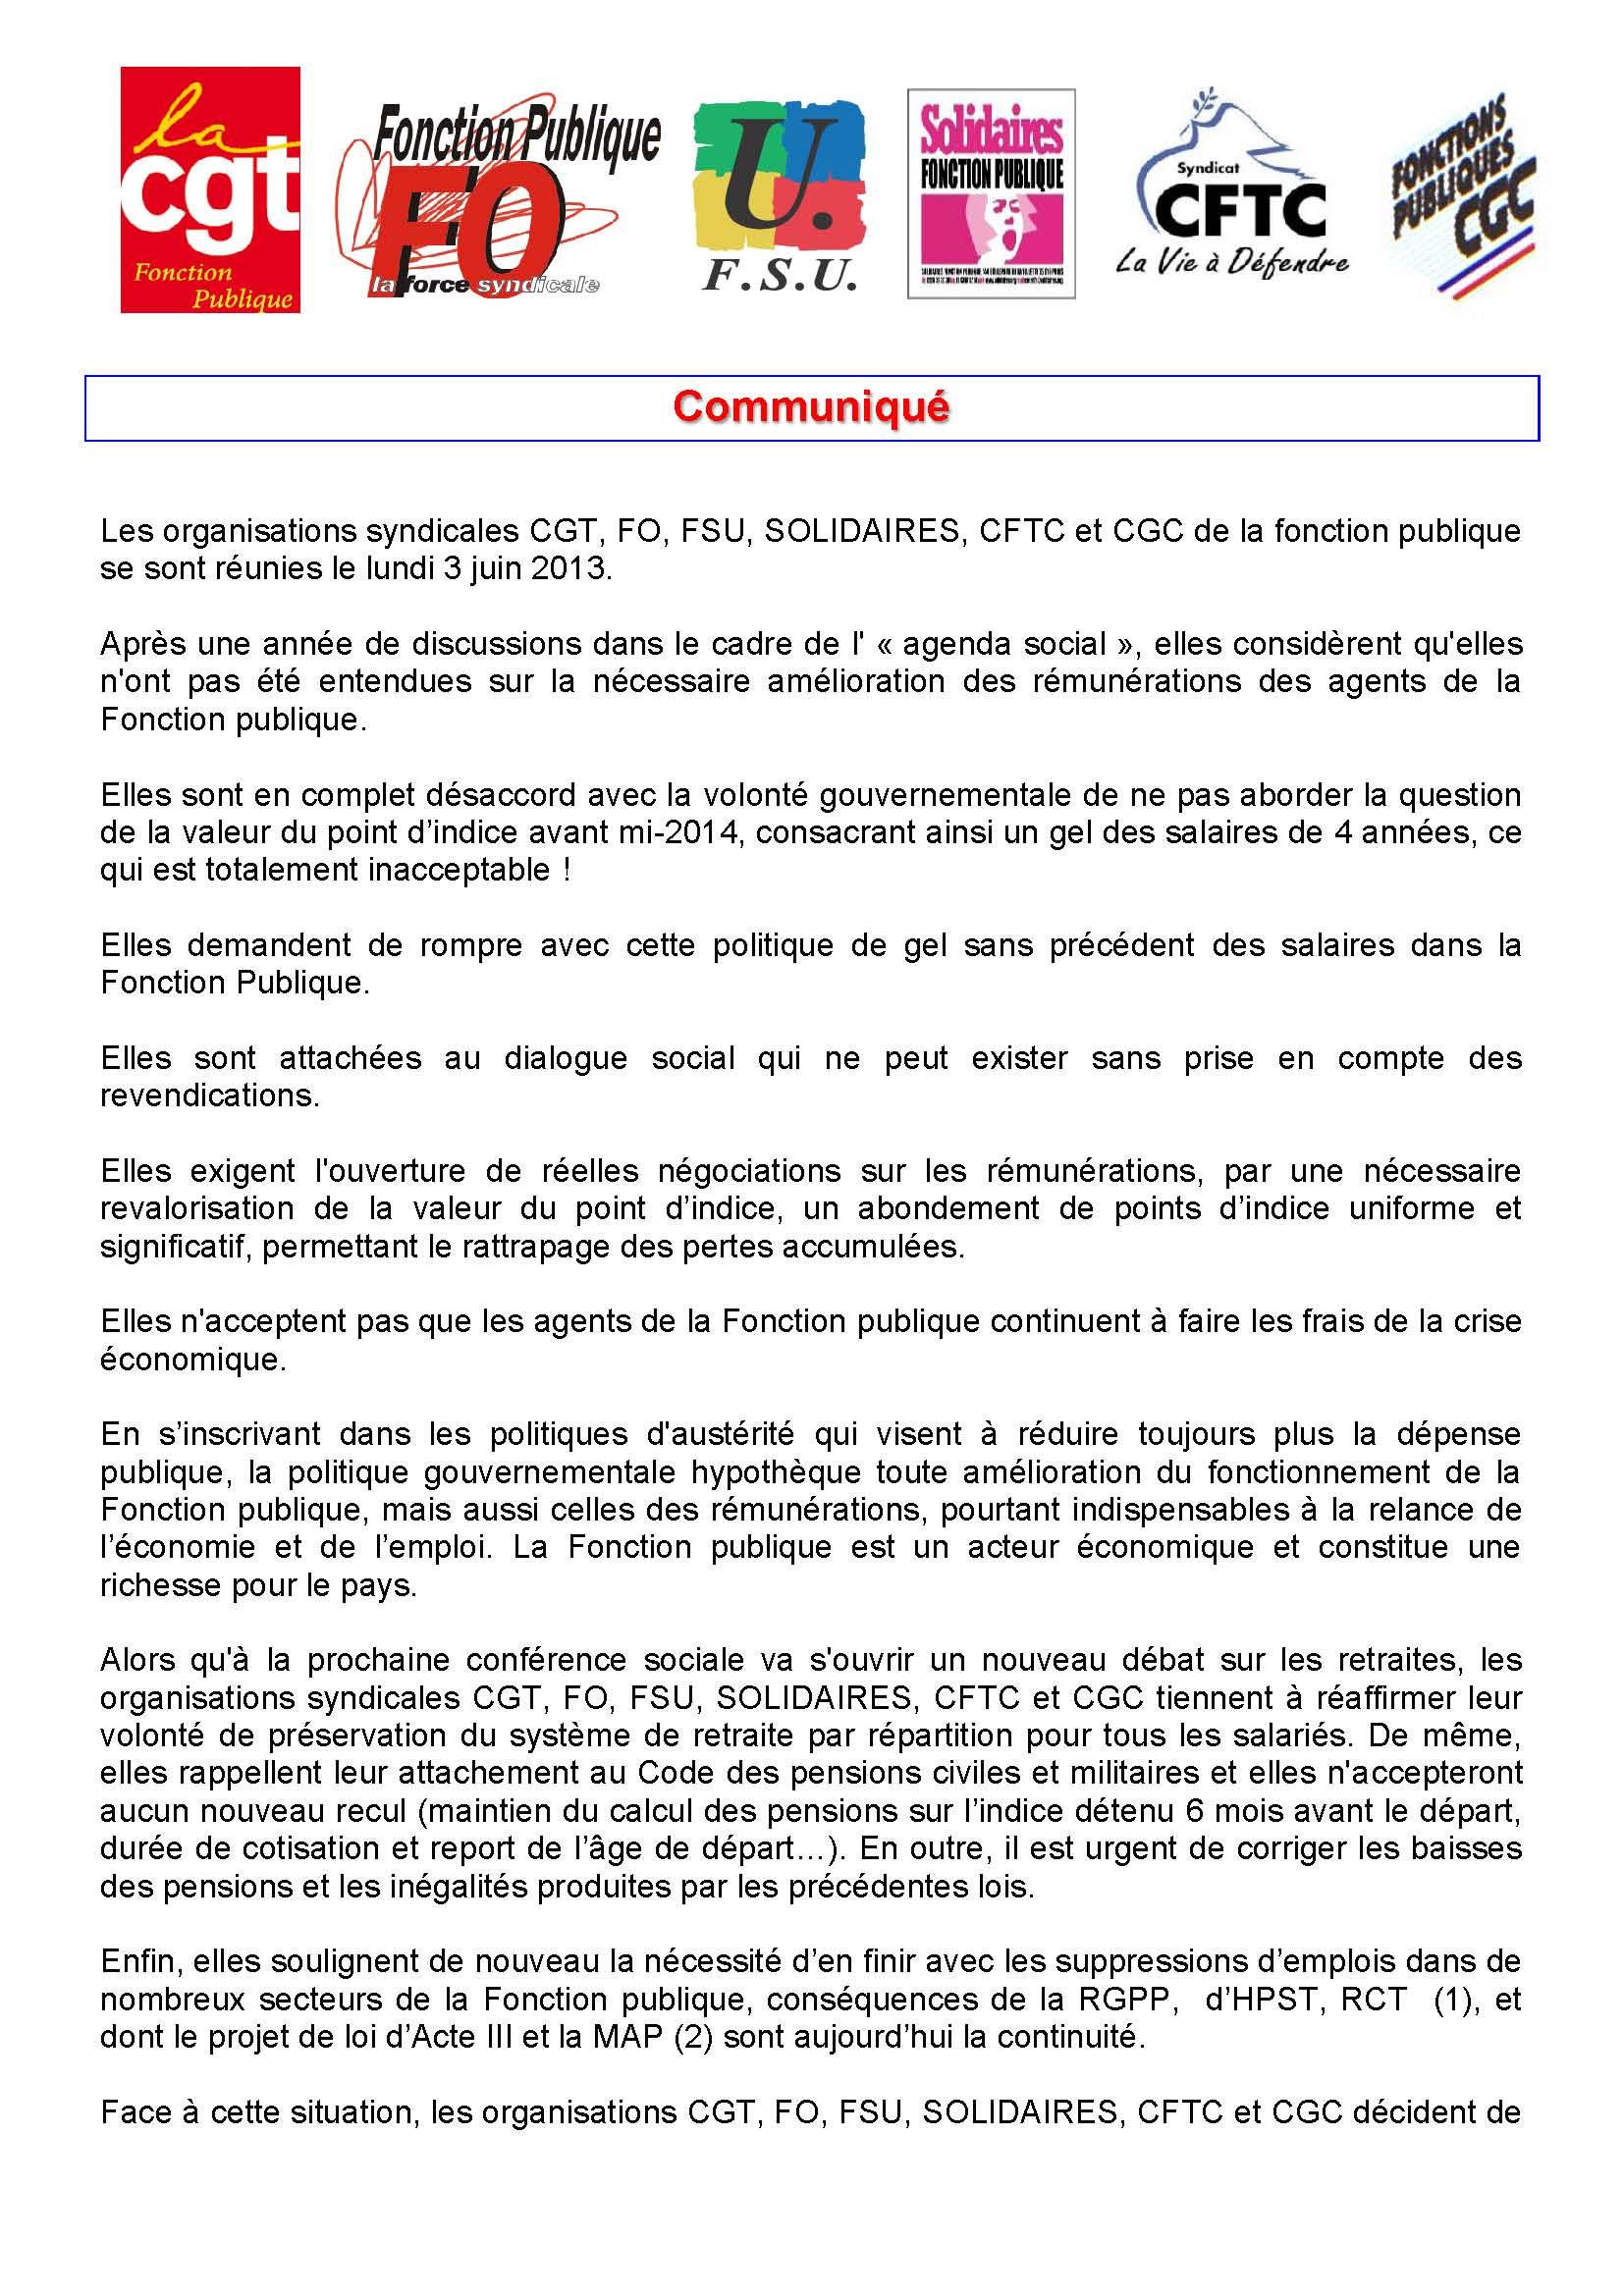 d164d79cd7c Salaires dans la Fonction Publique   communiqué commun